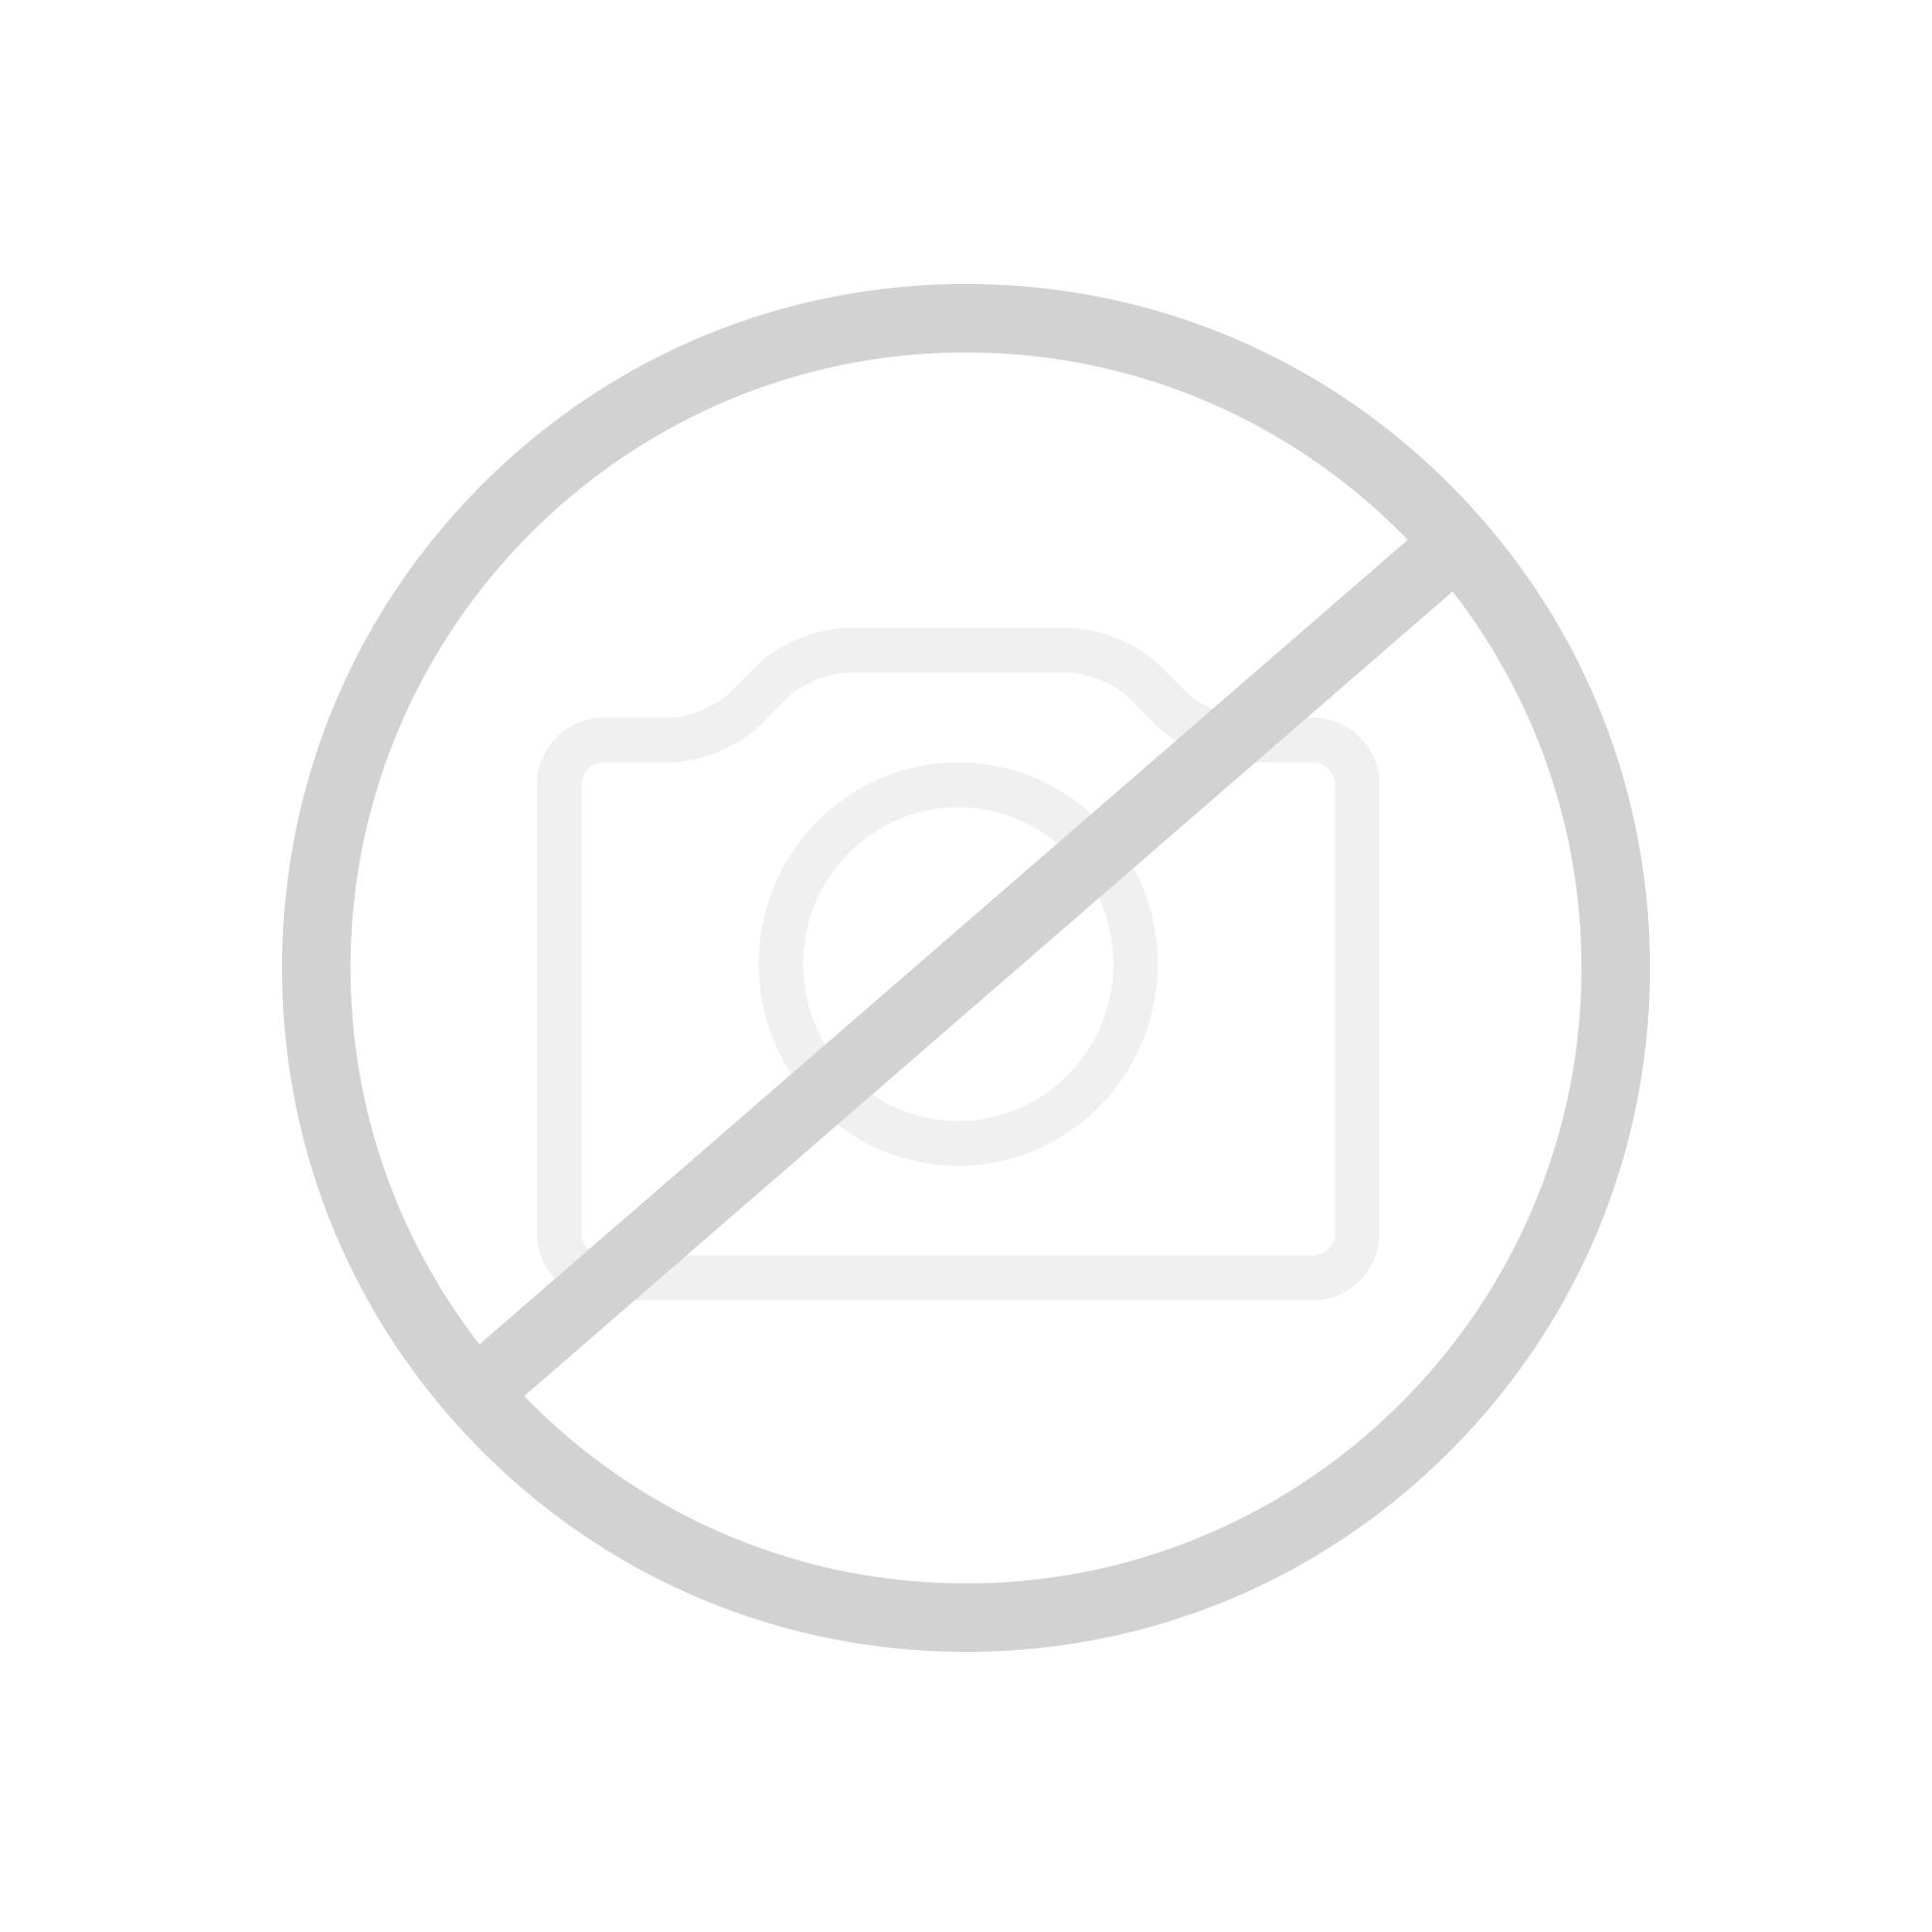 Ideal Standard SoftMood Waschtischunterschrank Front weiß hochglanz / Korpus weiß hochglanz